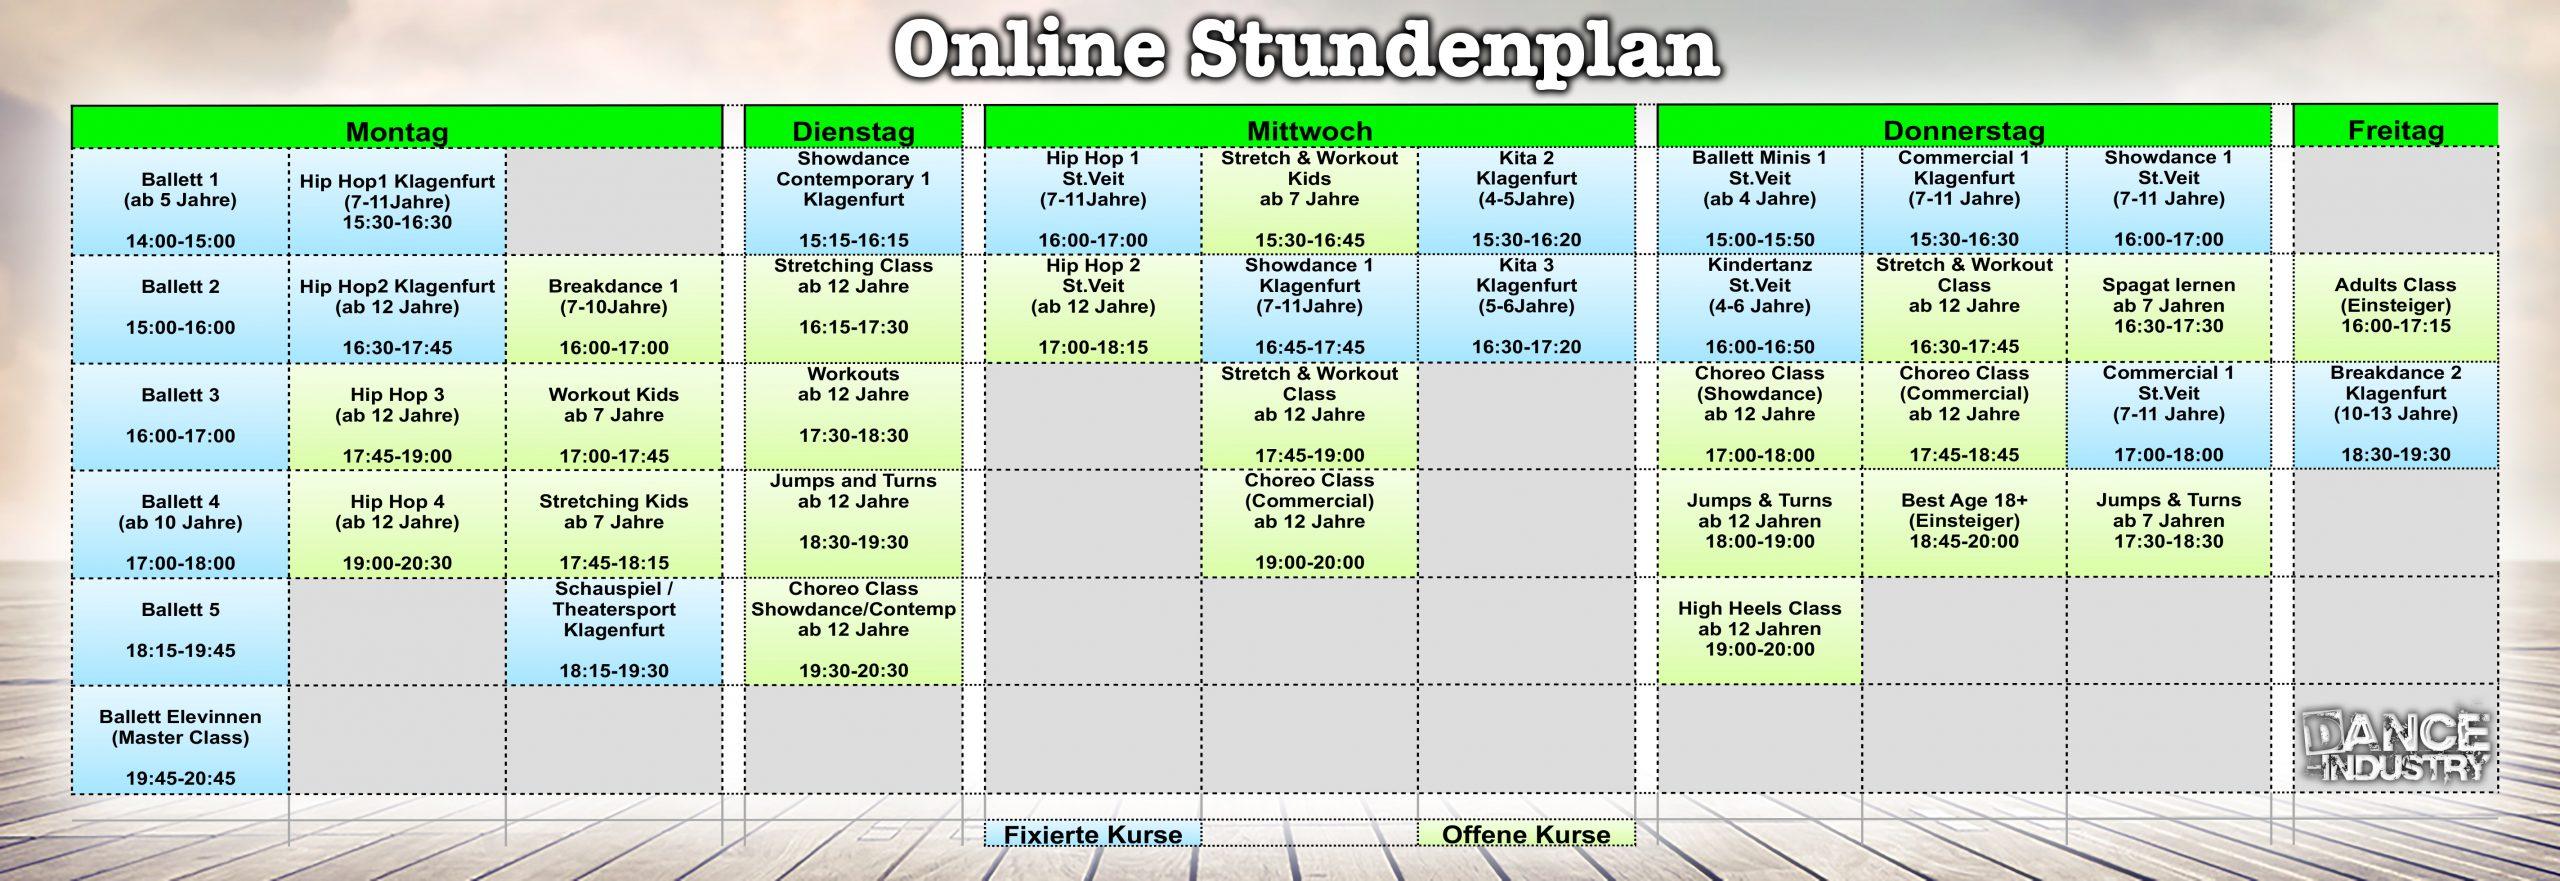 Stundenplan Online